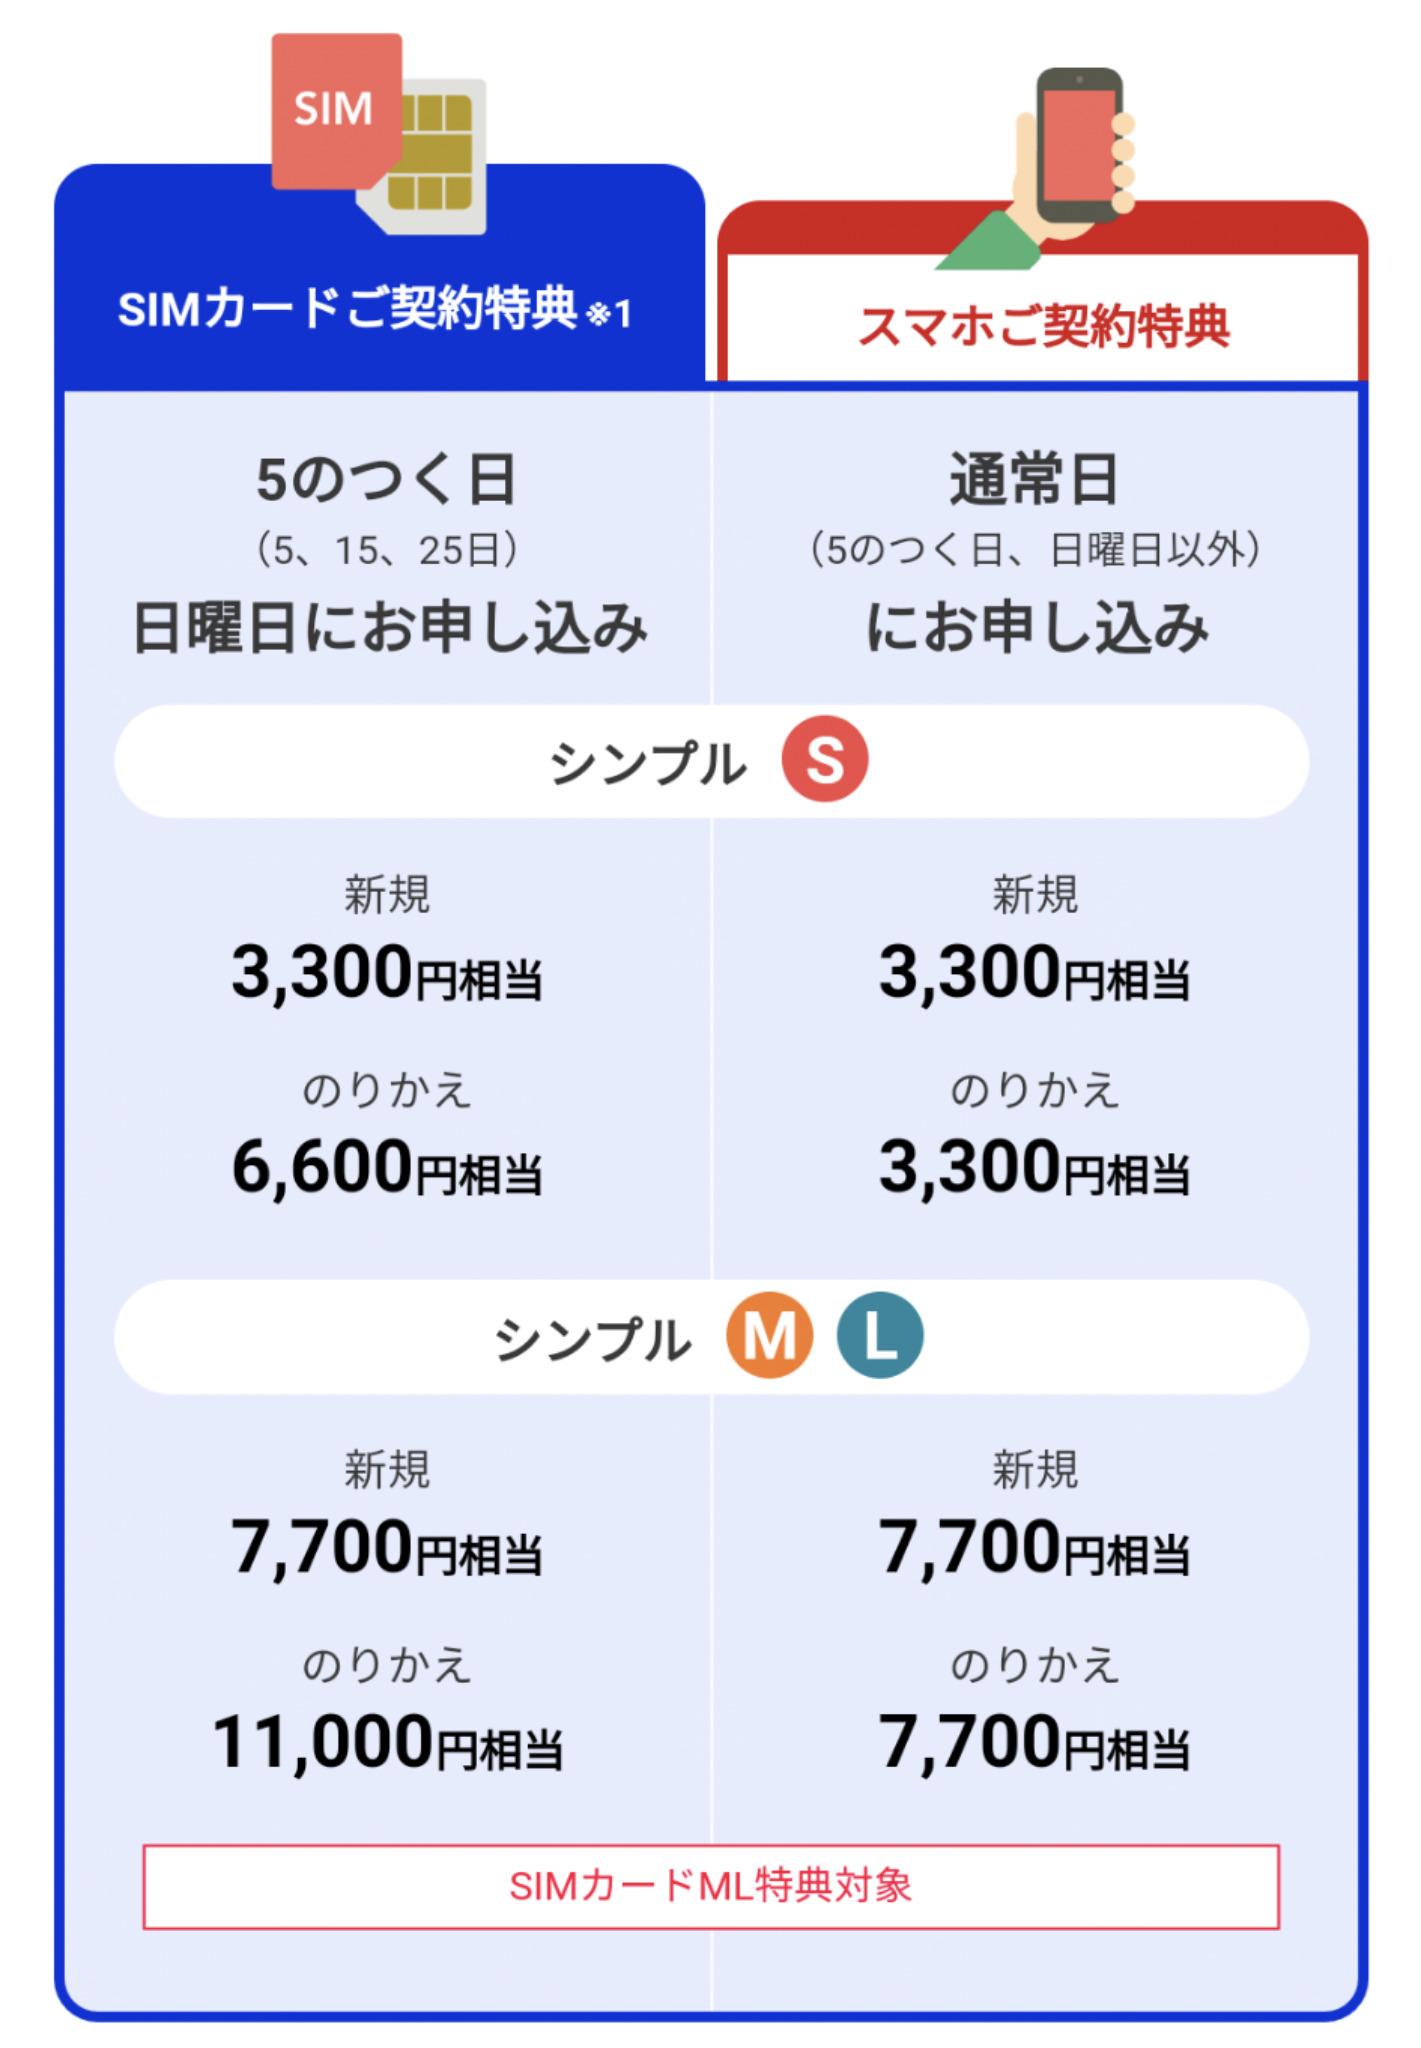 Yahoo!モバイルのSIMカード特典